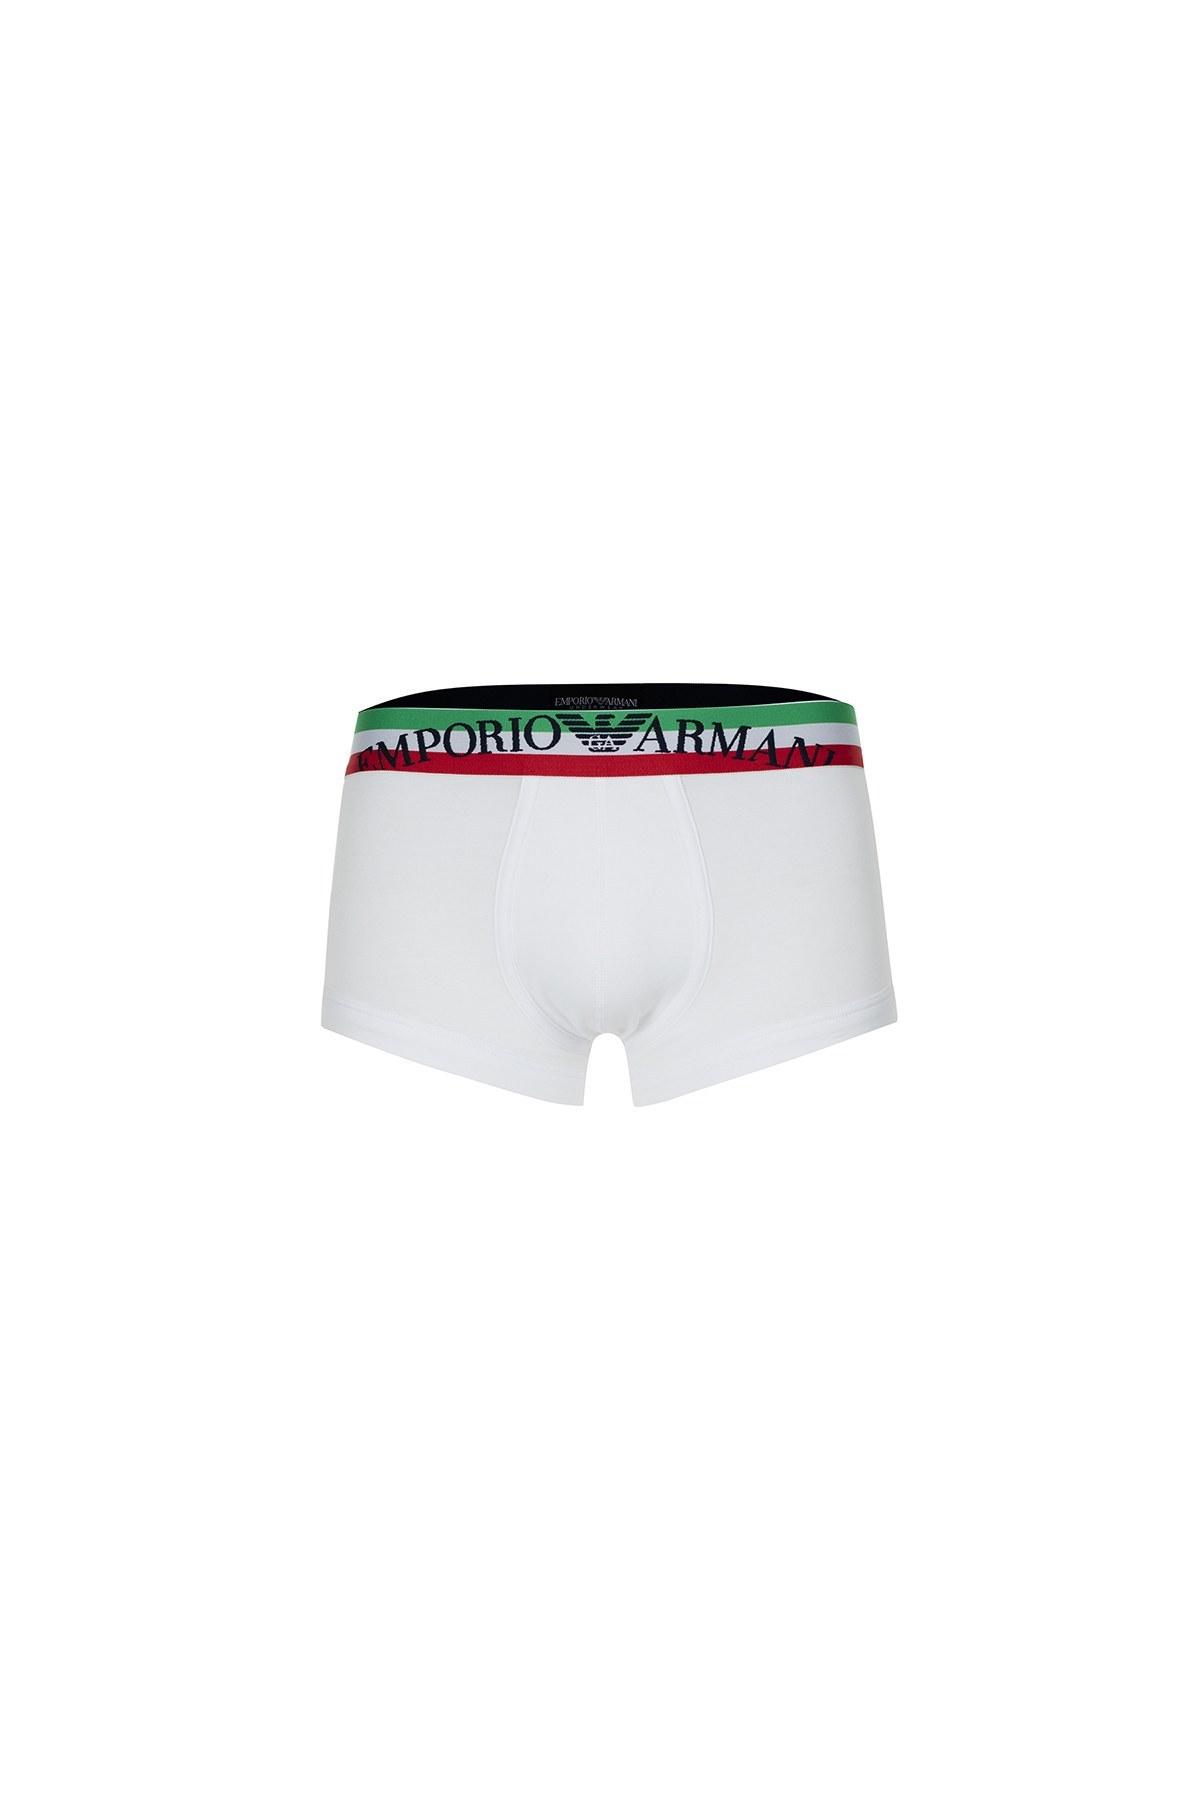 Emporio Armani Erkek Boxer 111866 0P510 00010 BEYAZ